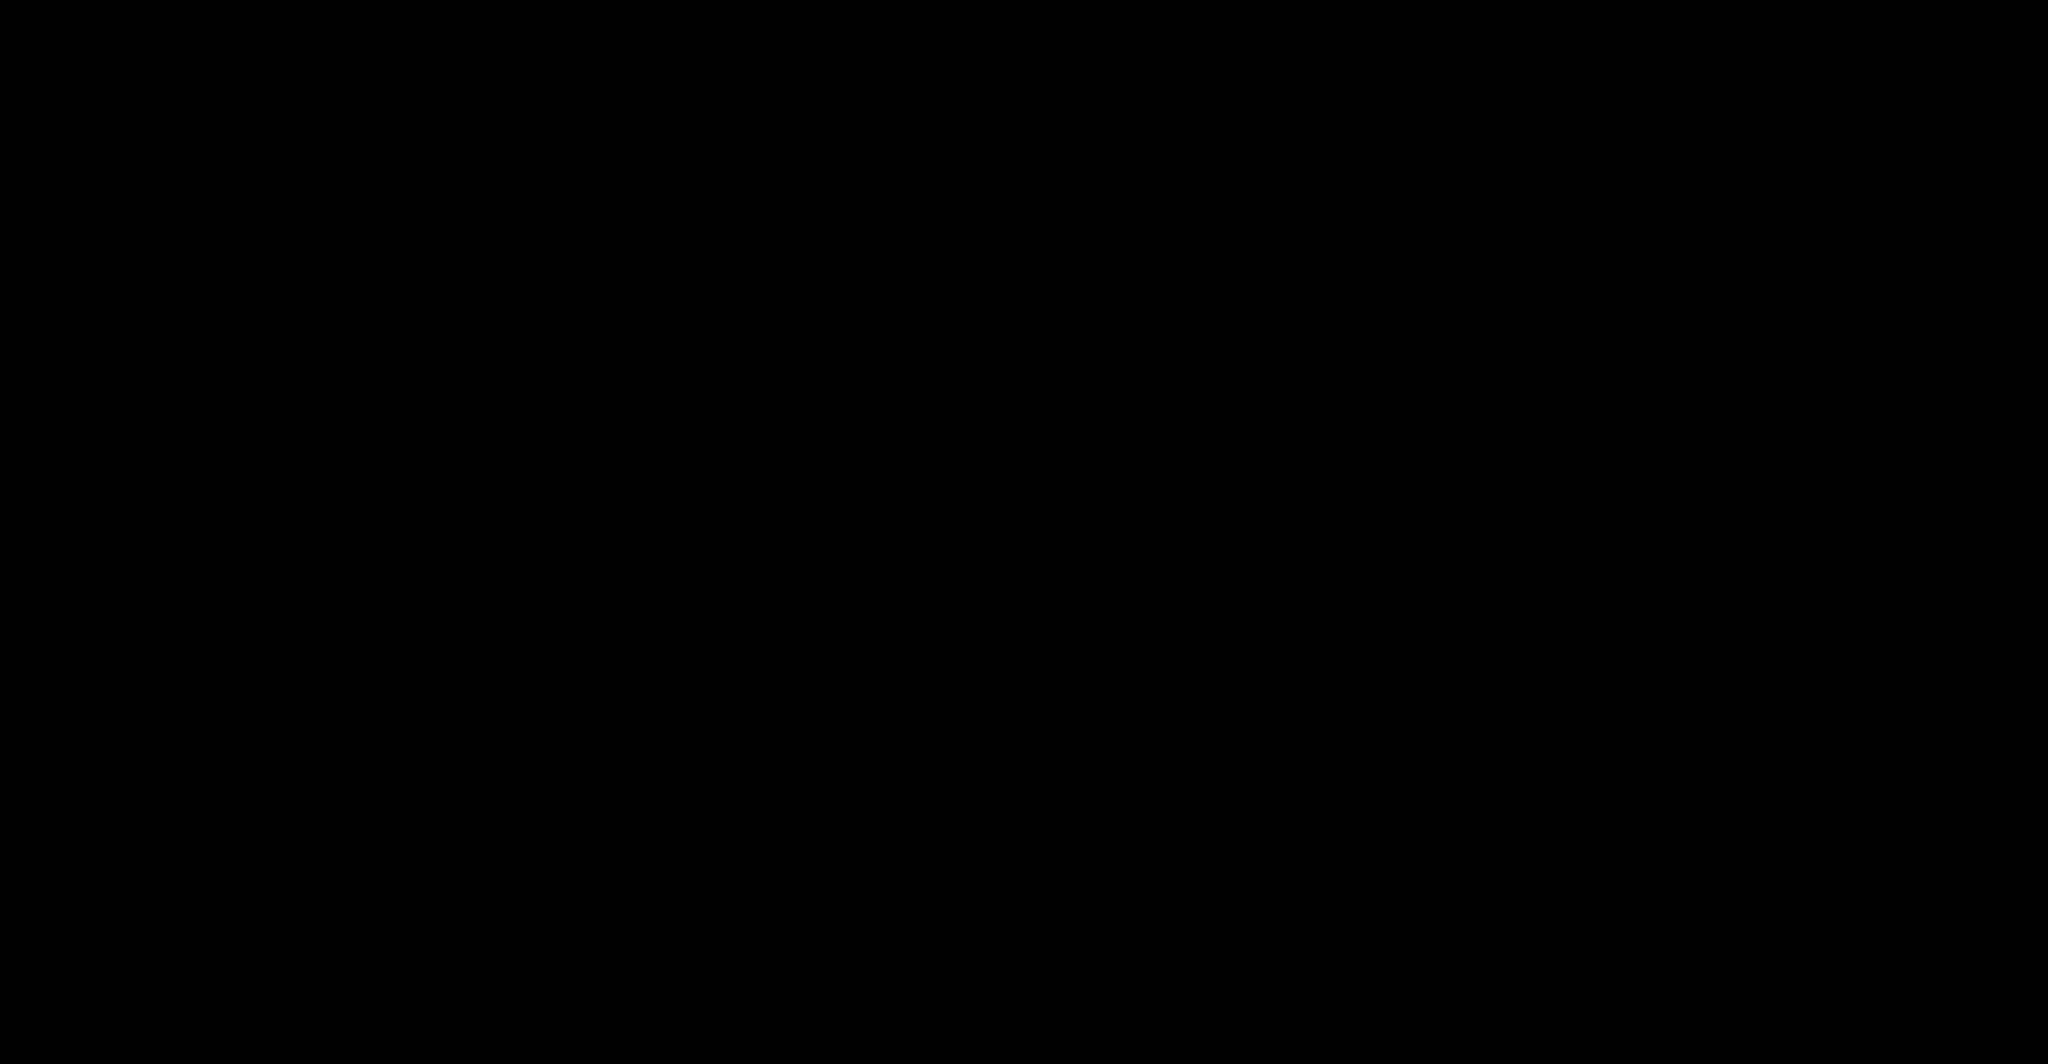 rafiki coffee logo